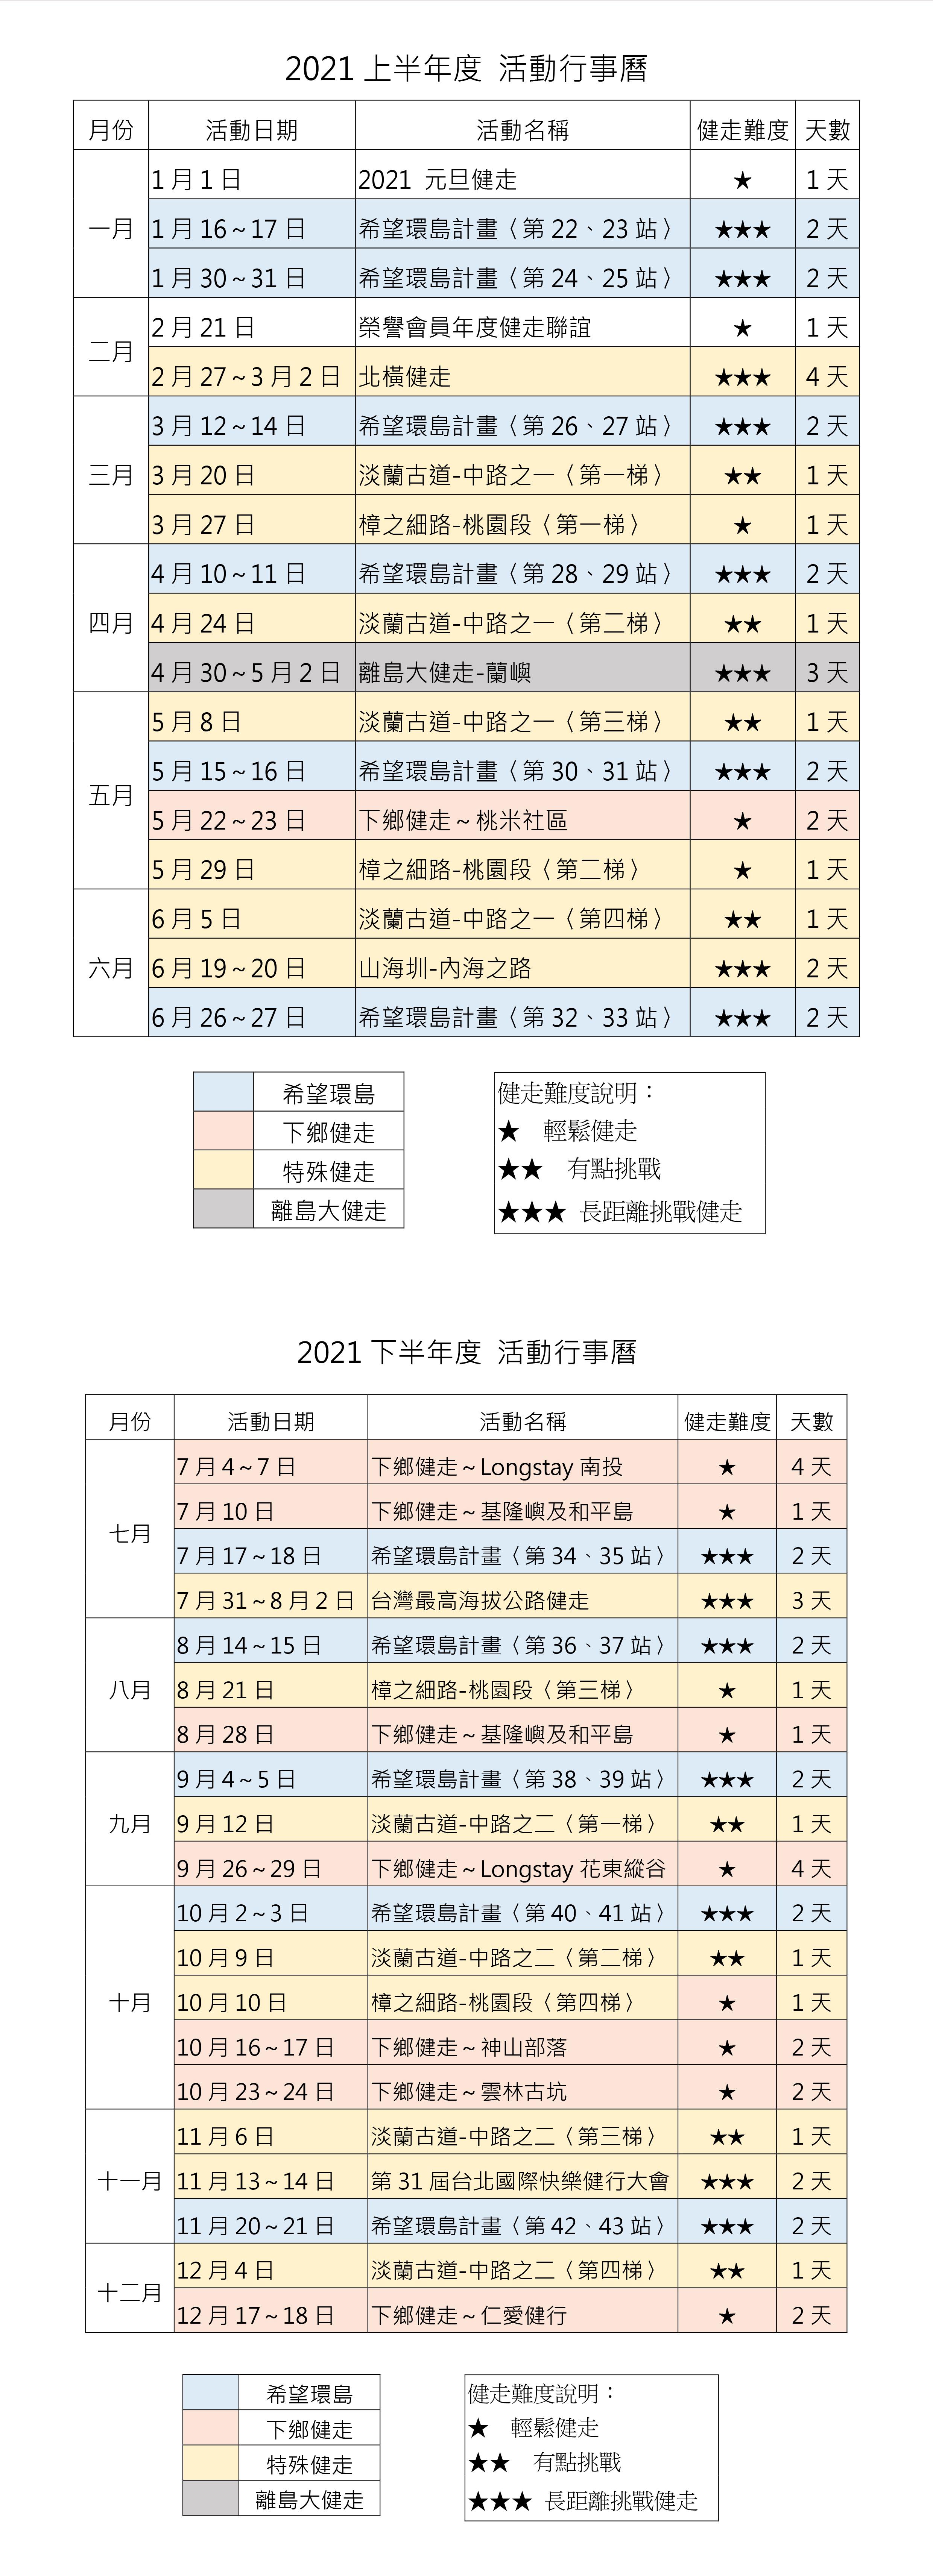 2021年度行事曆